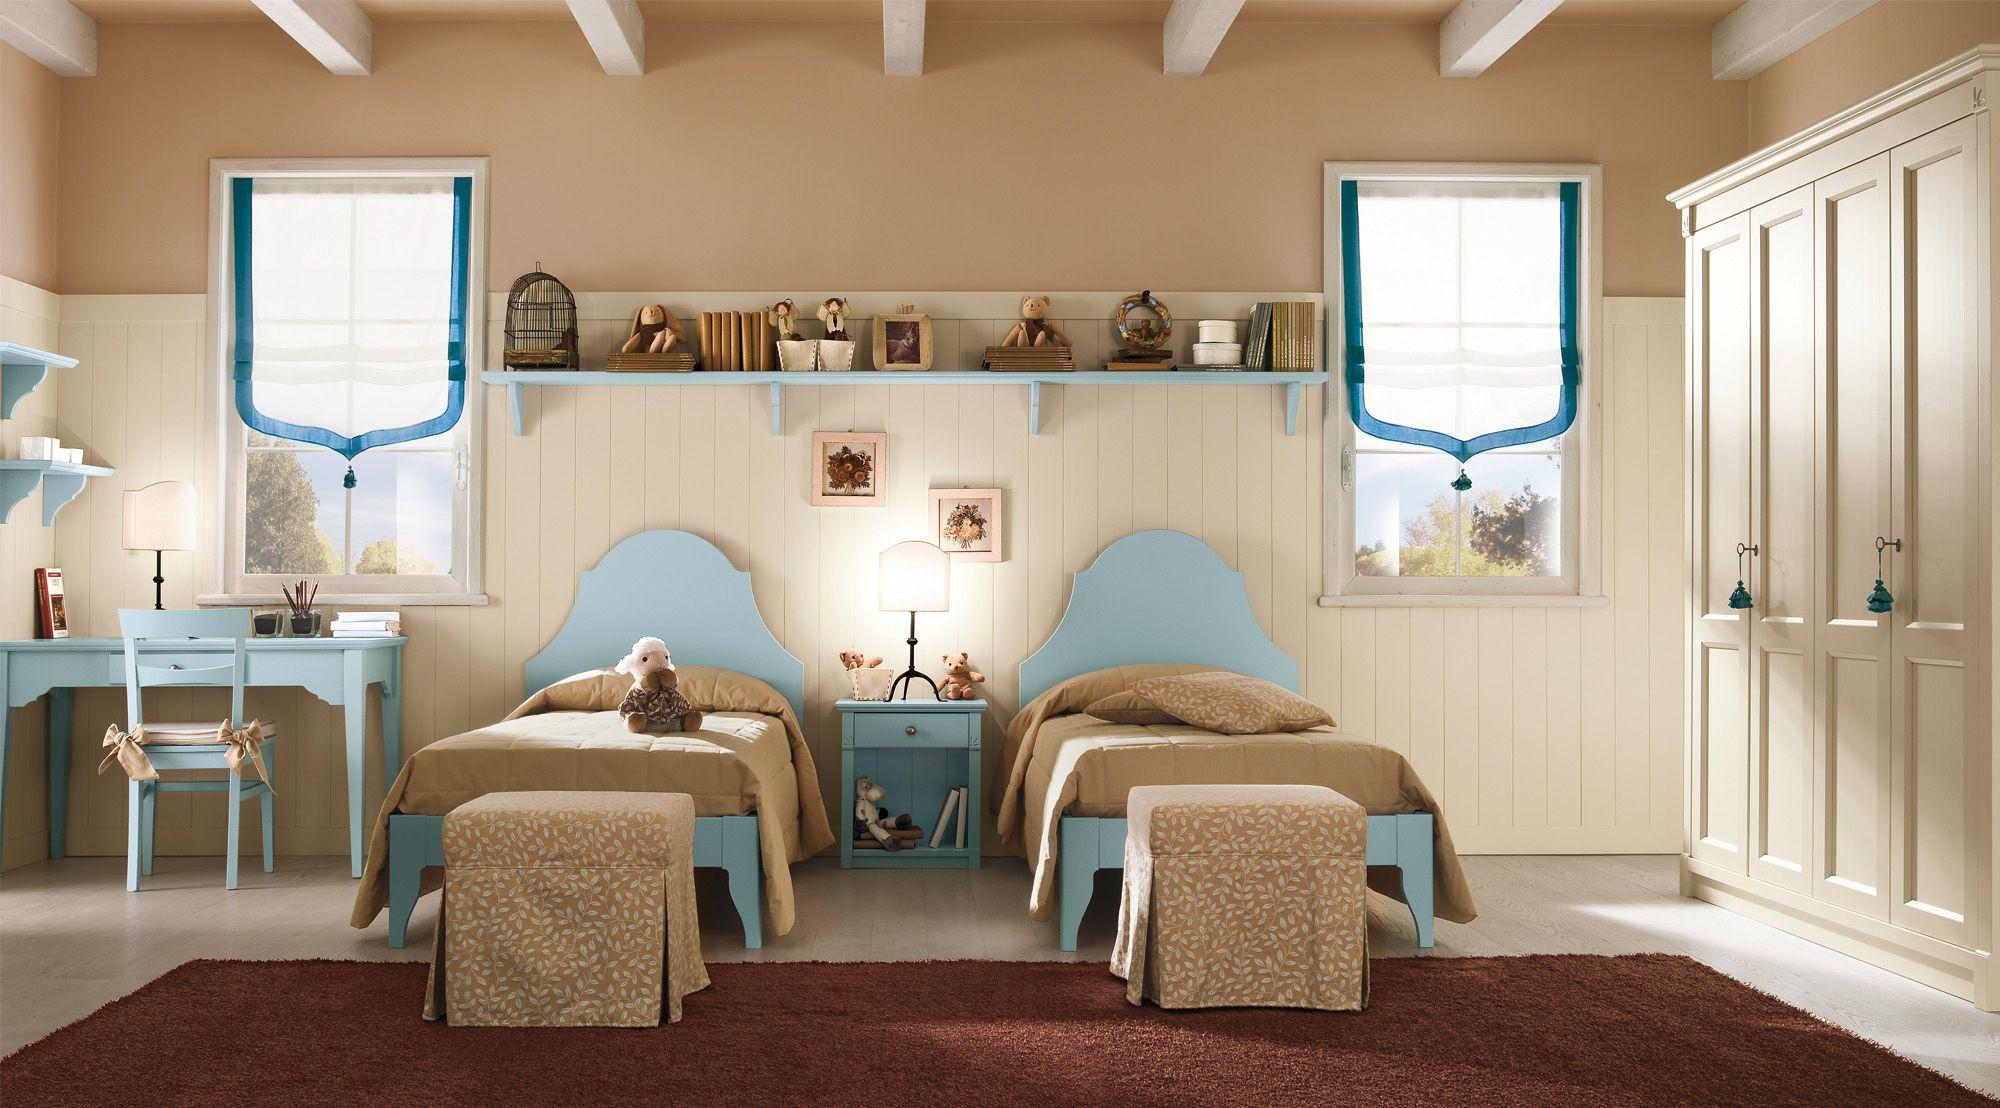 Pareti divisorie per camere da letto - Camerette classiche per bambini ...